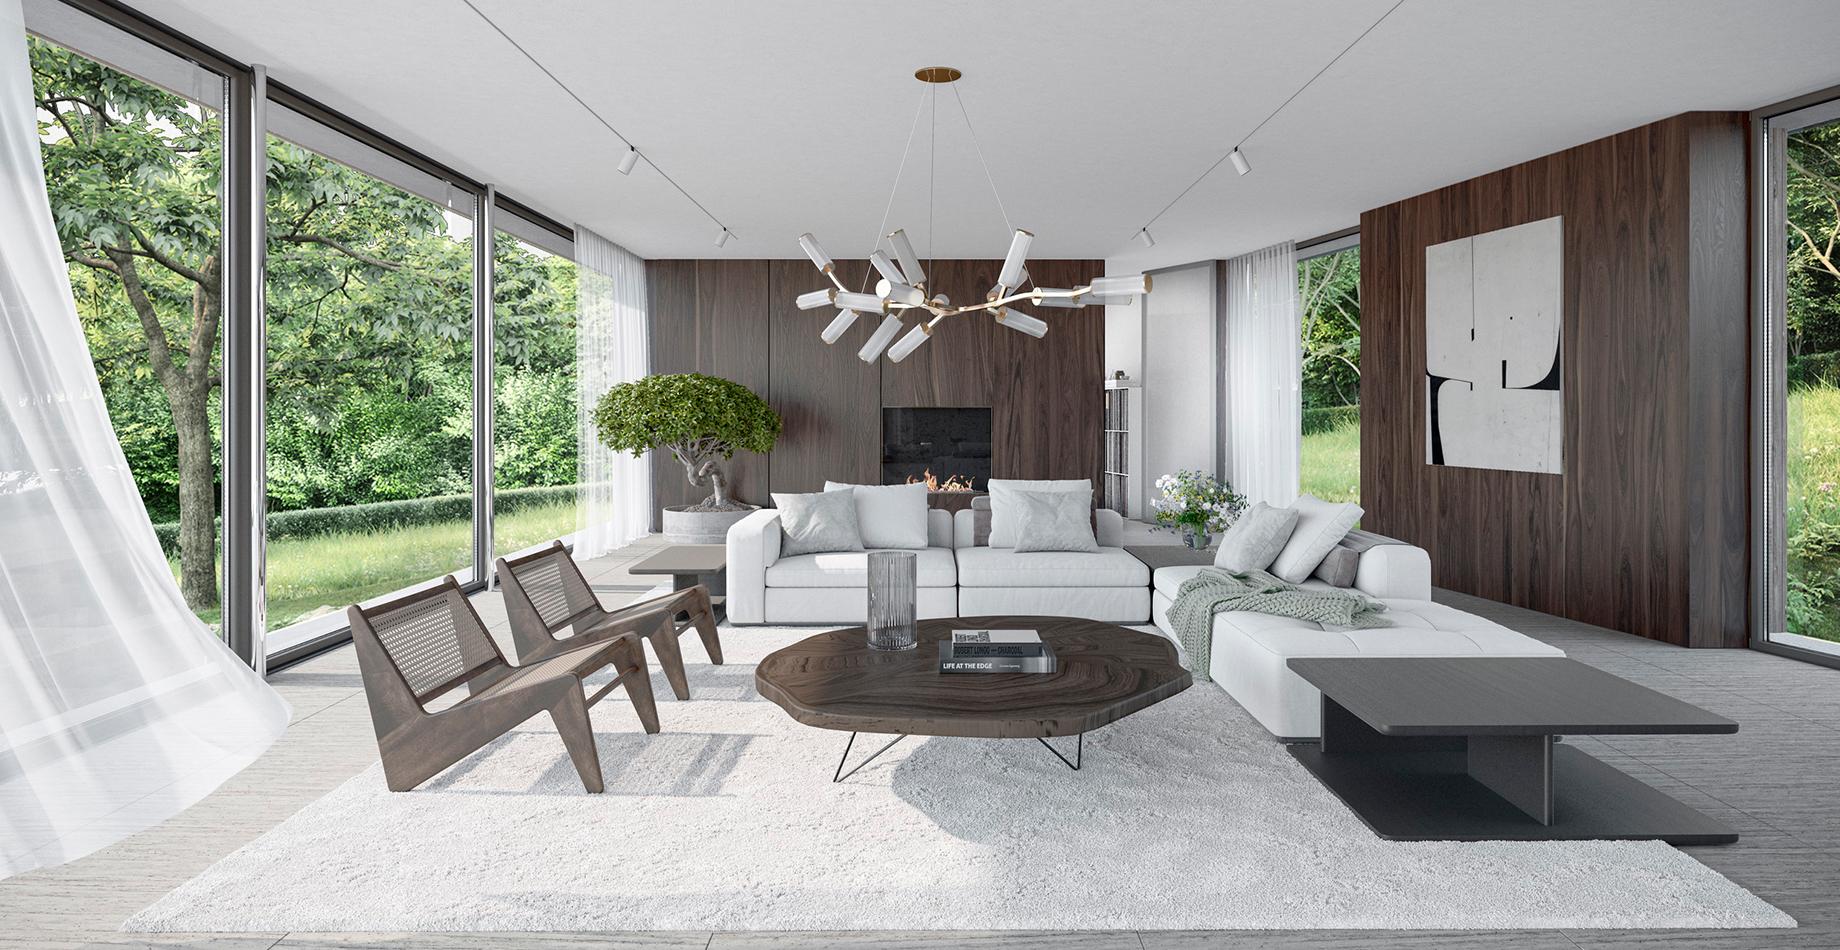 prosvětlené velkorysé interiéry